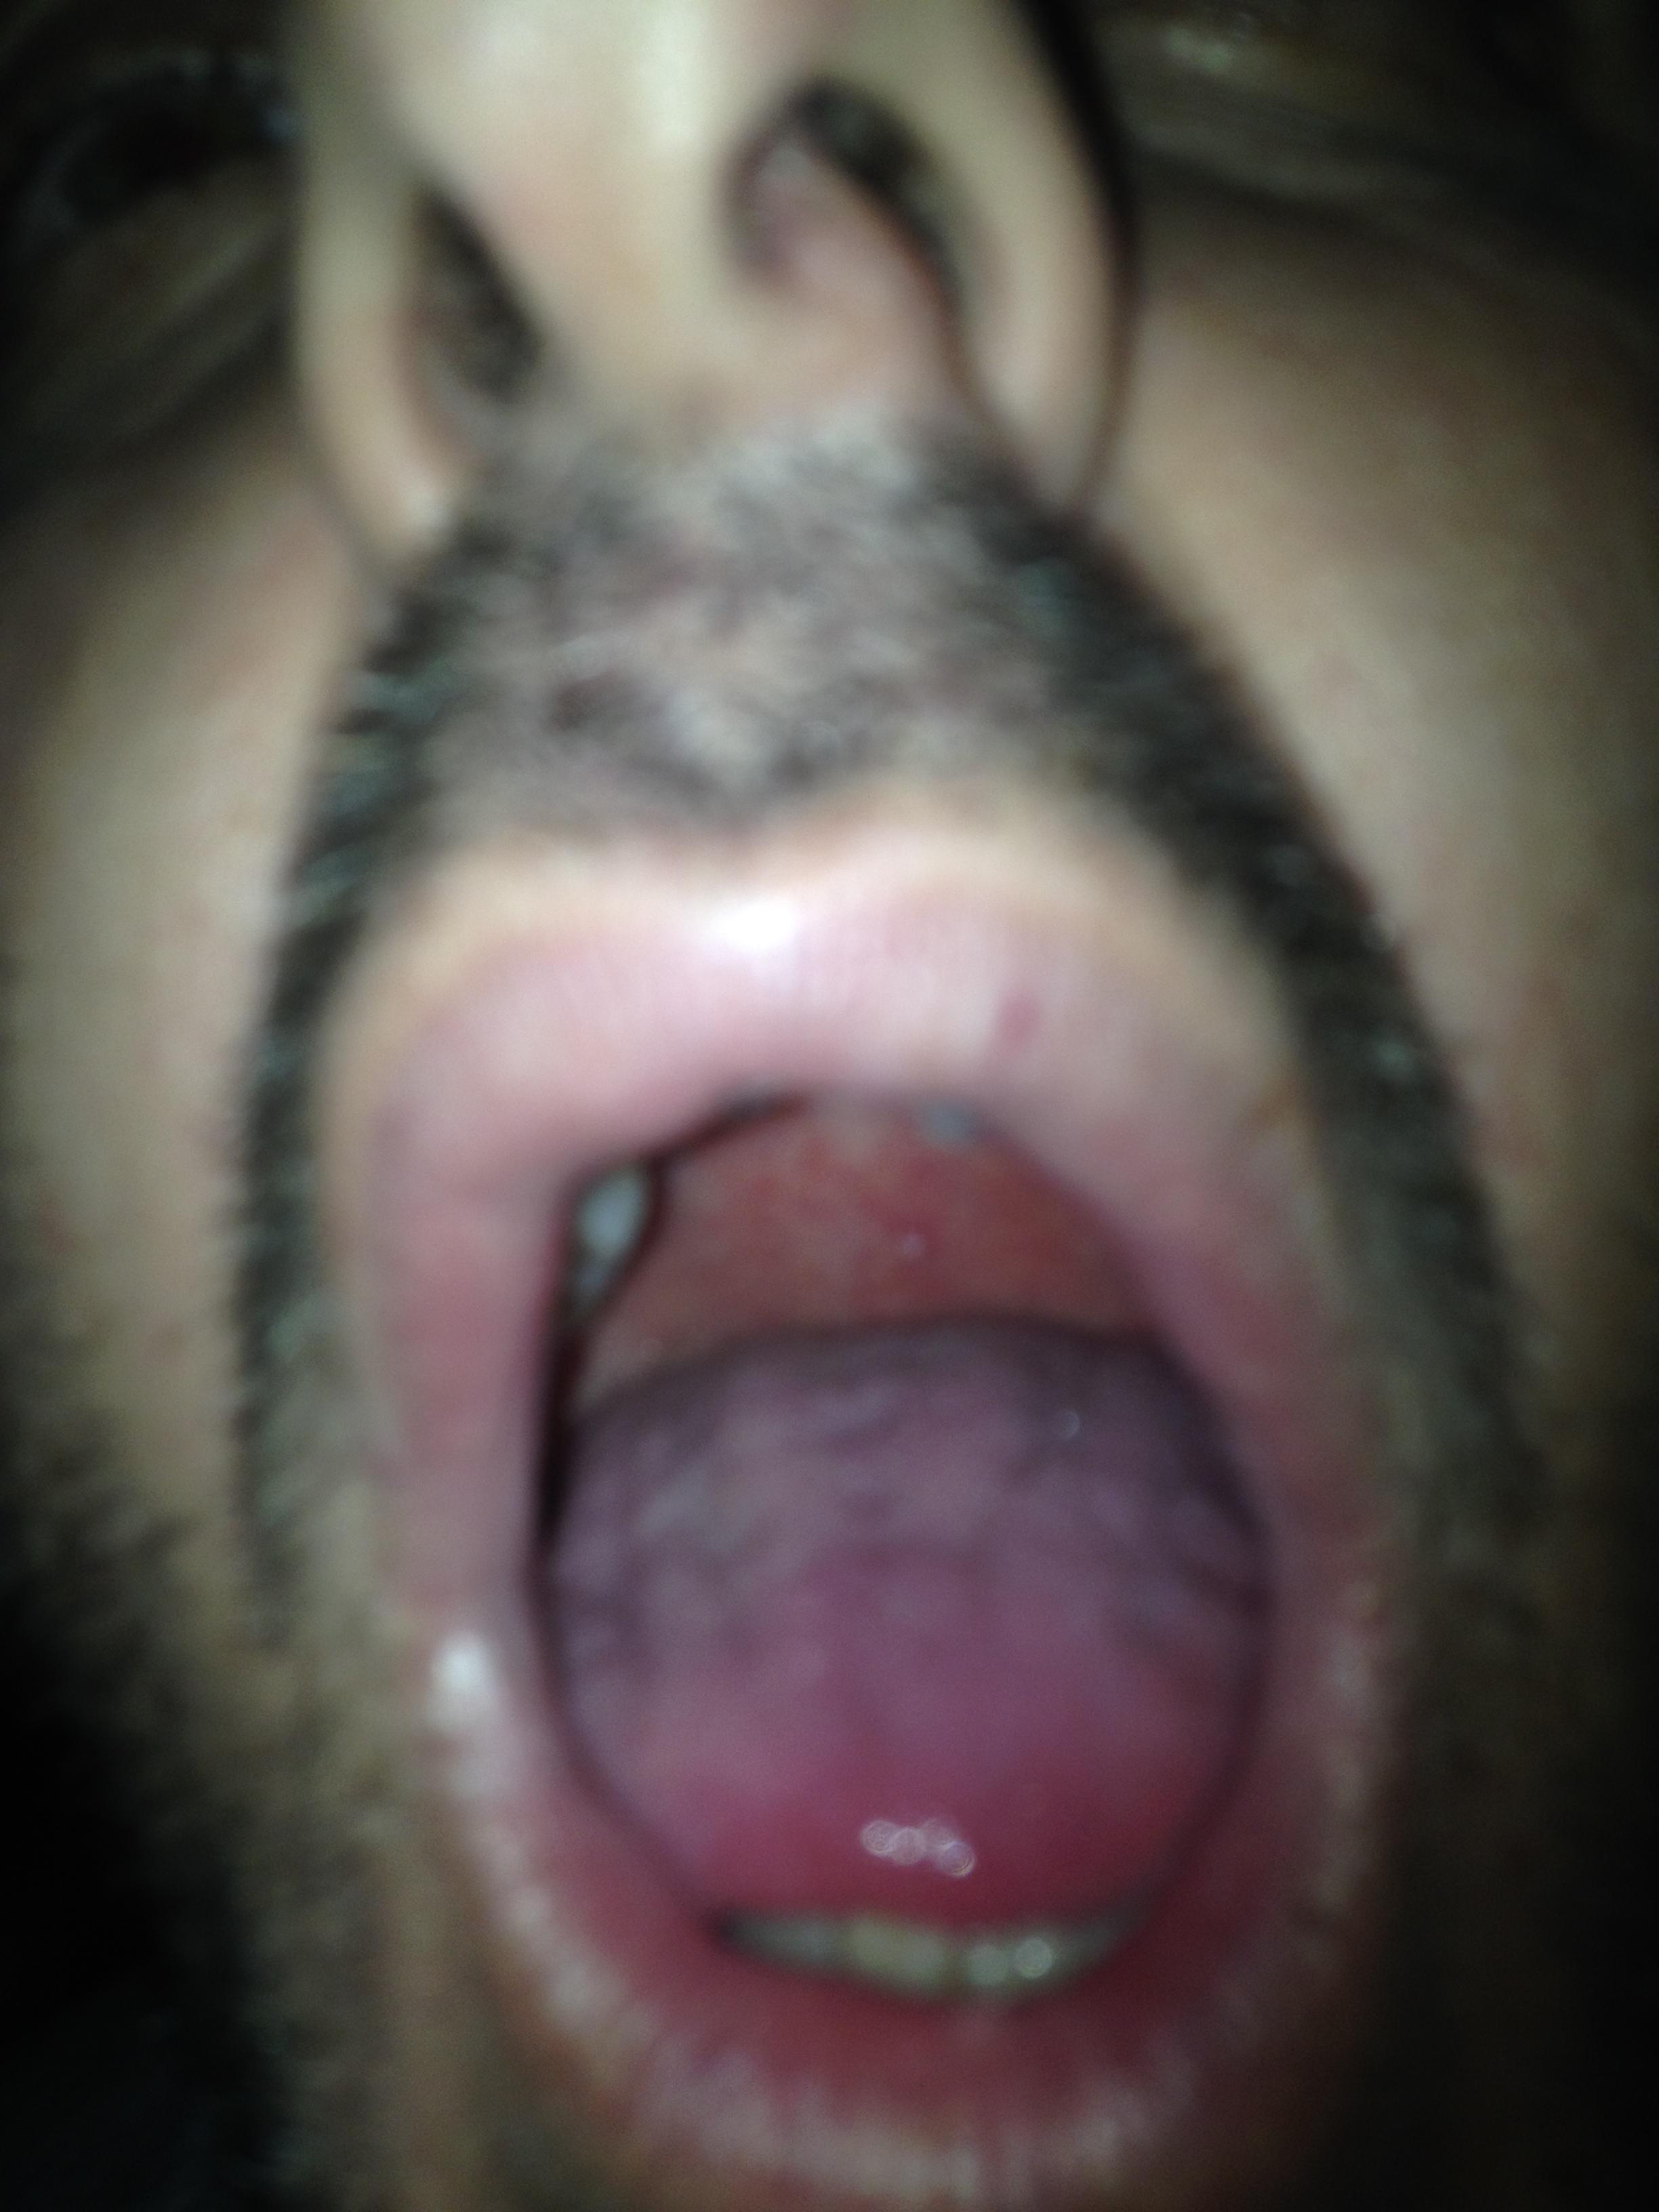 Pallina bianca sul palato. Cosa può essere?